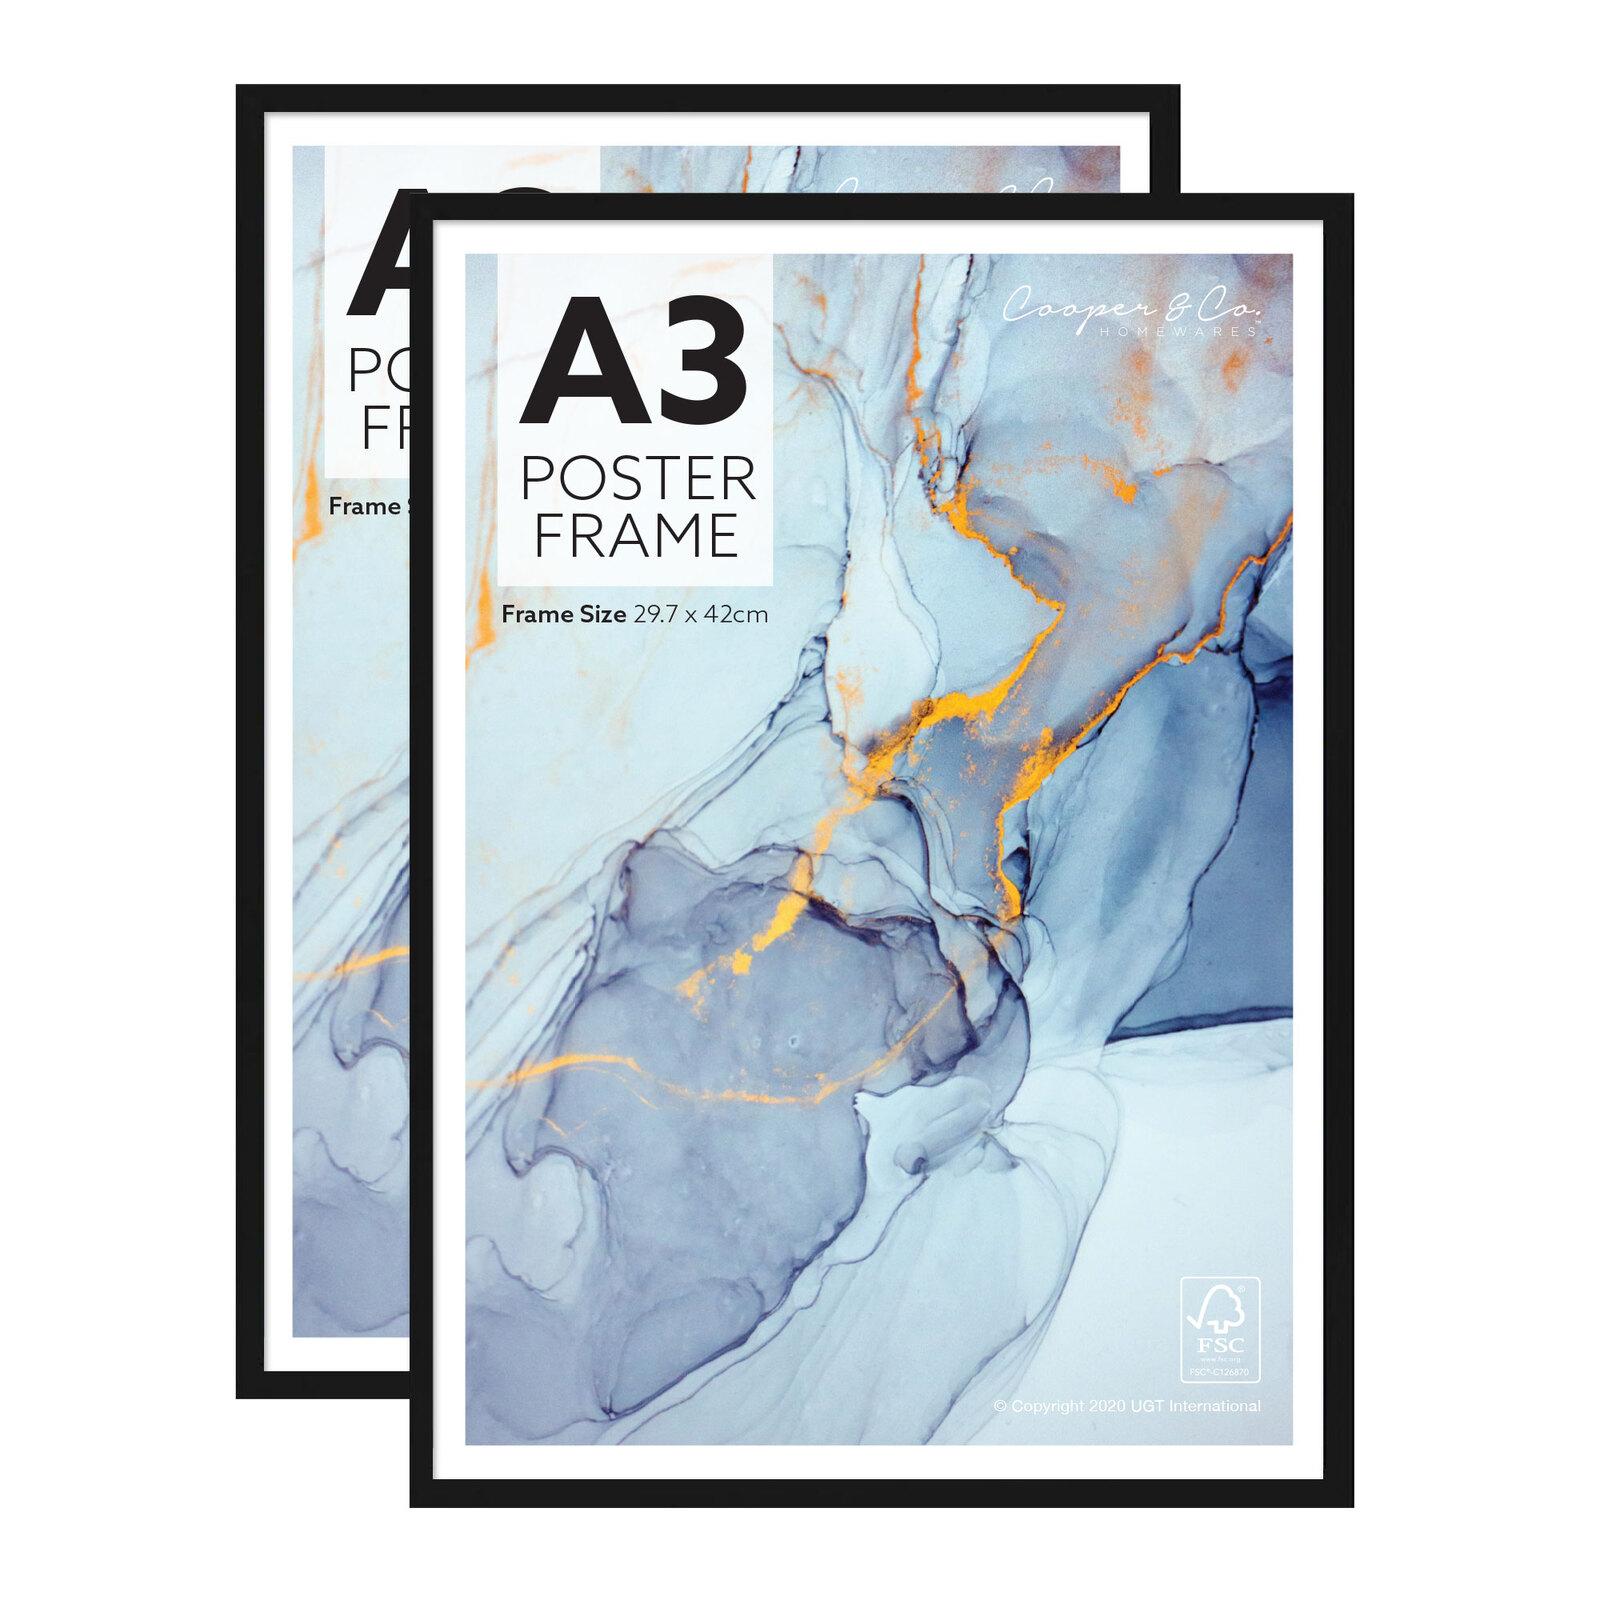 Cooper & Co. A3 Set of 2 Black Poster Photo Frames